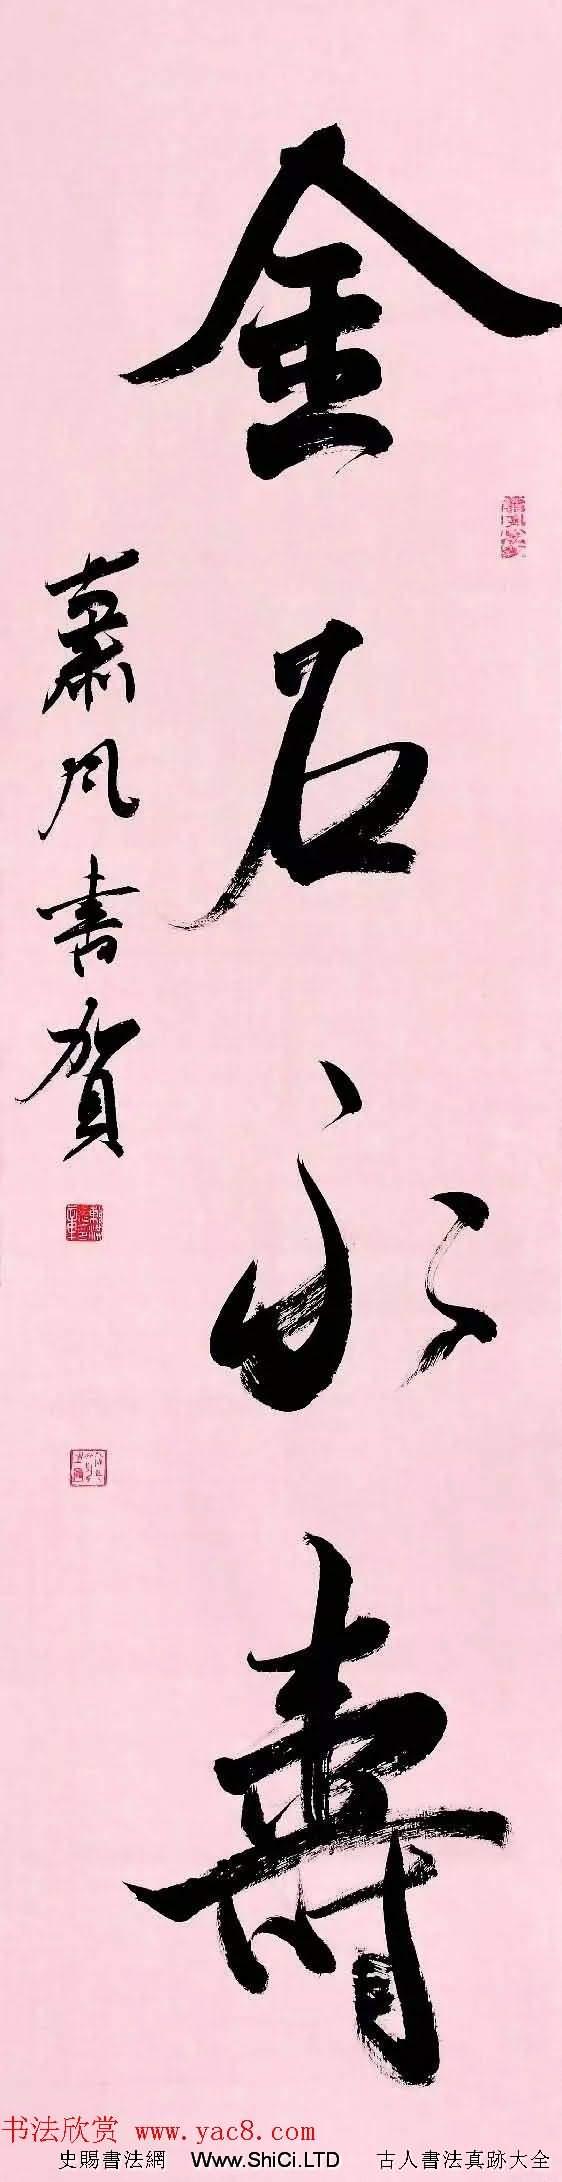 特邀15位書法家寫:壽如金石(共15張圖片)